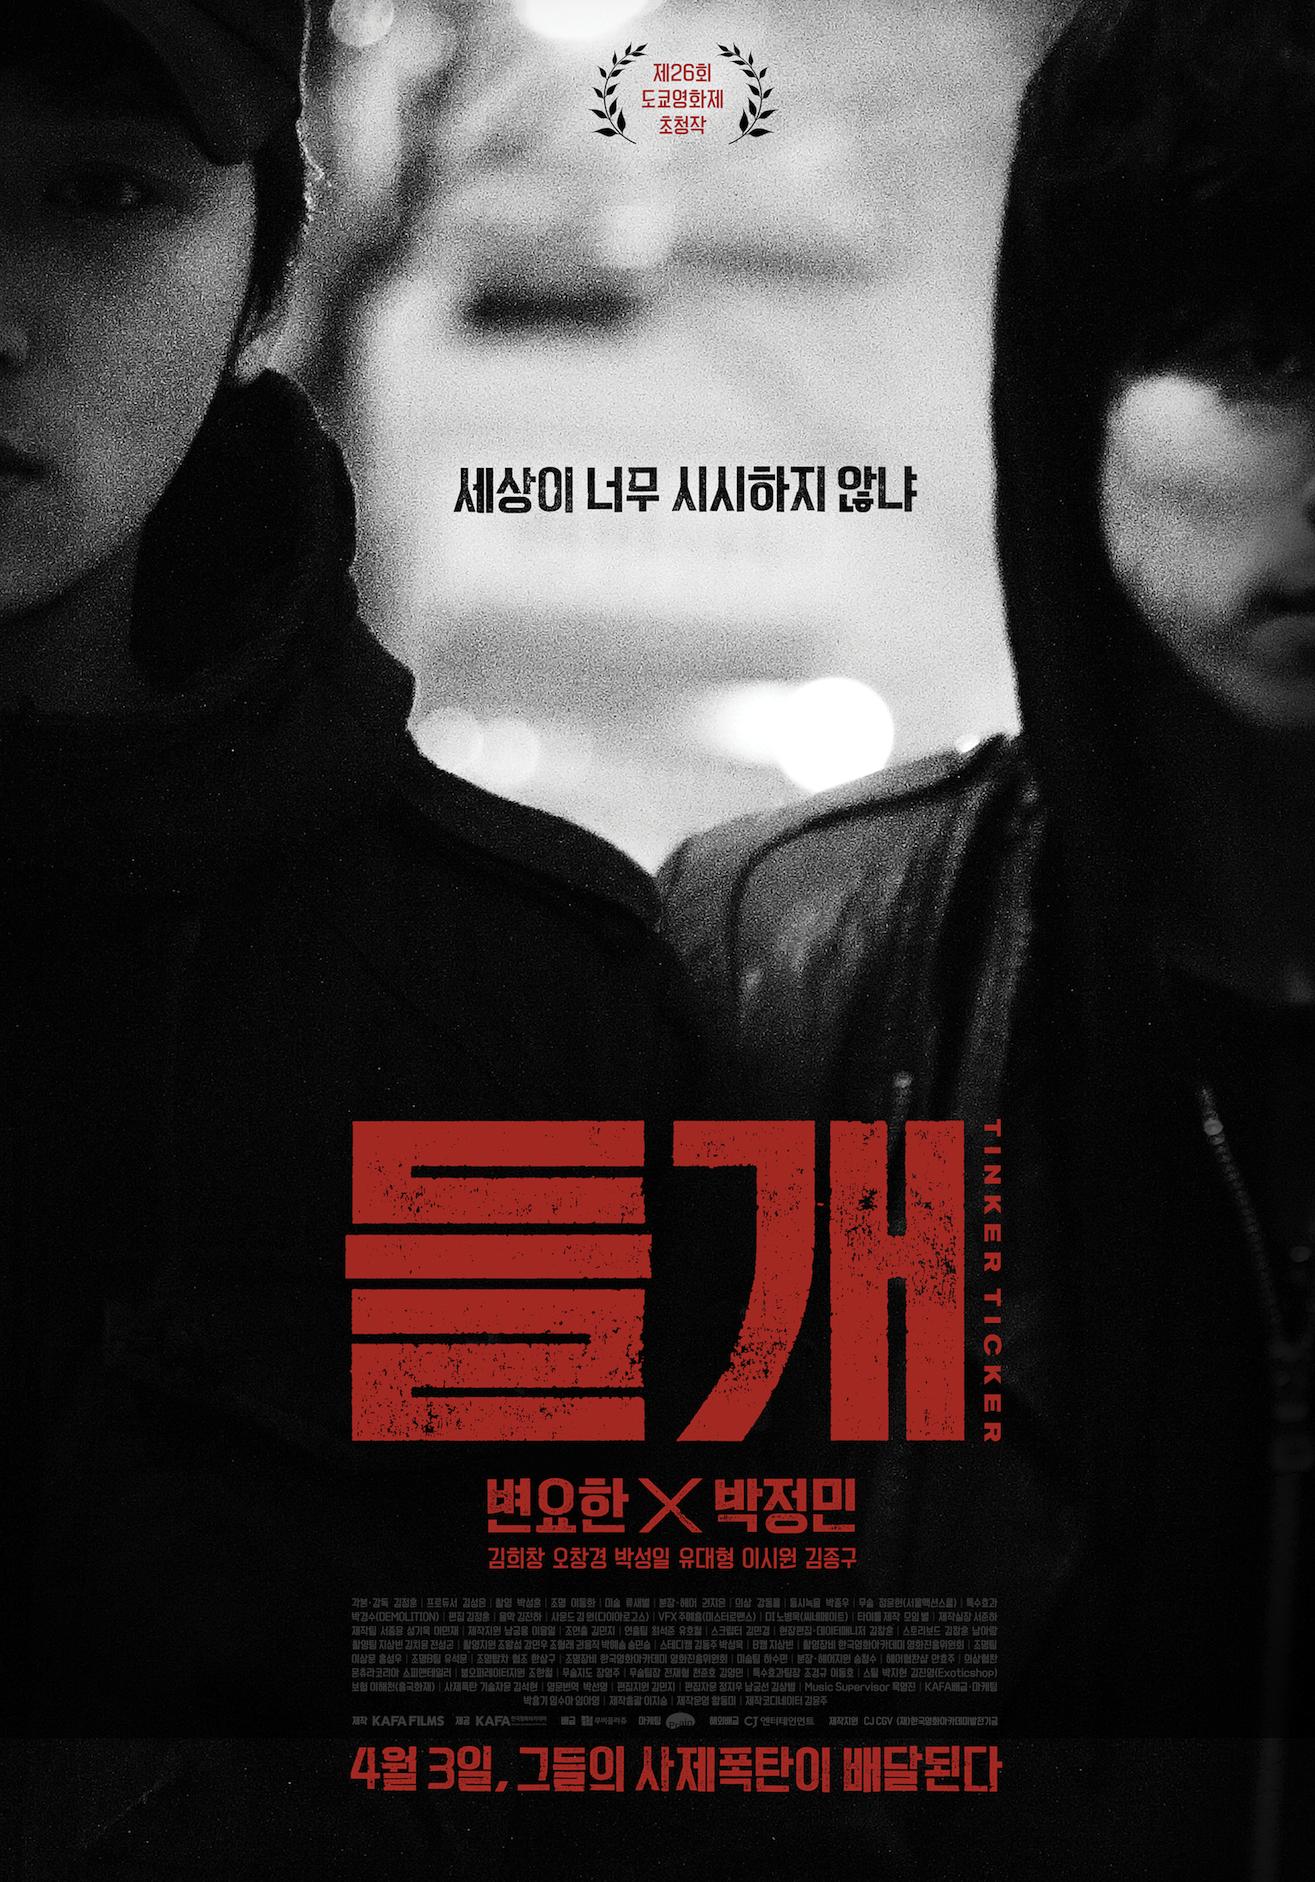 누구 마음에나 한 마리쯤 - 영화: 들개 (2014, 김...